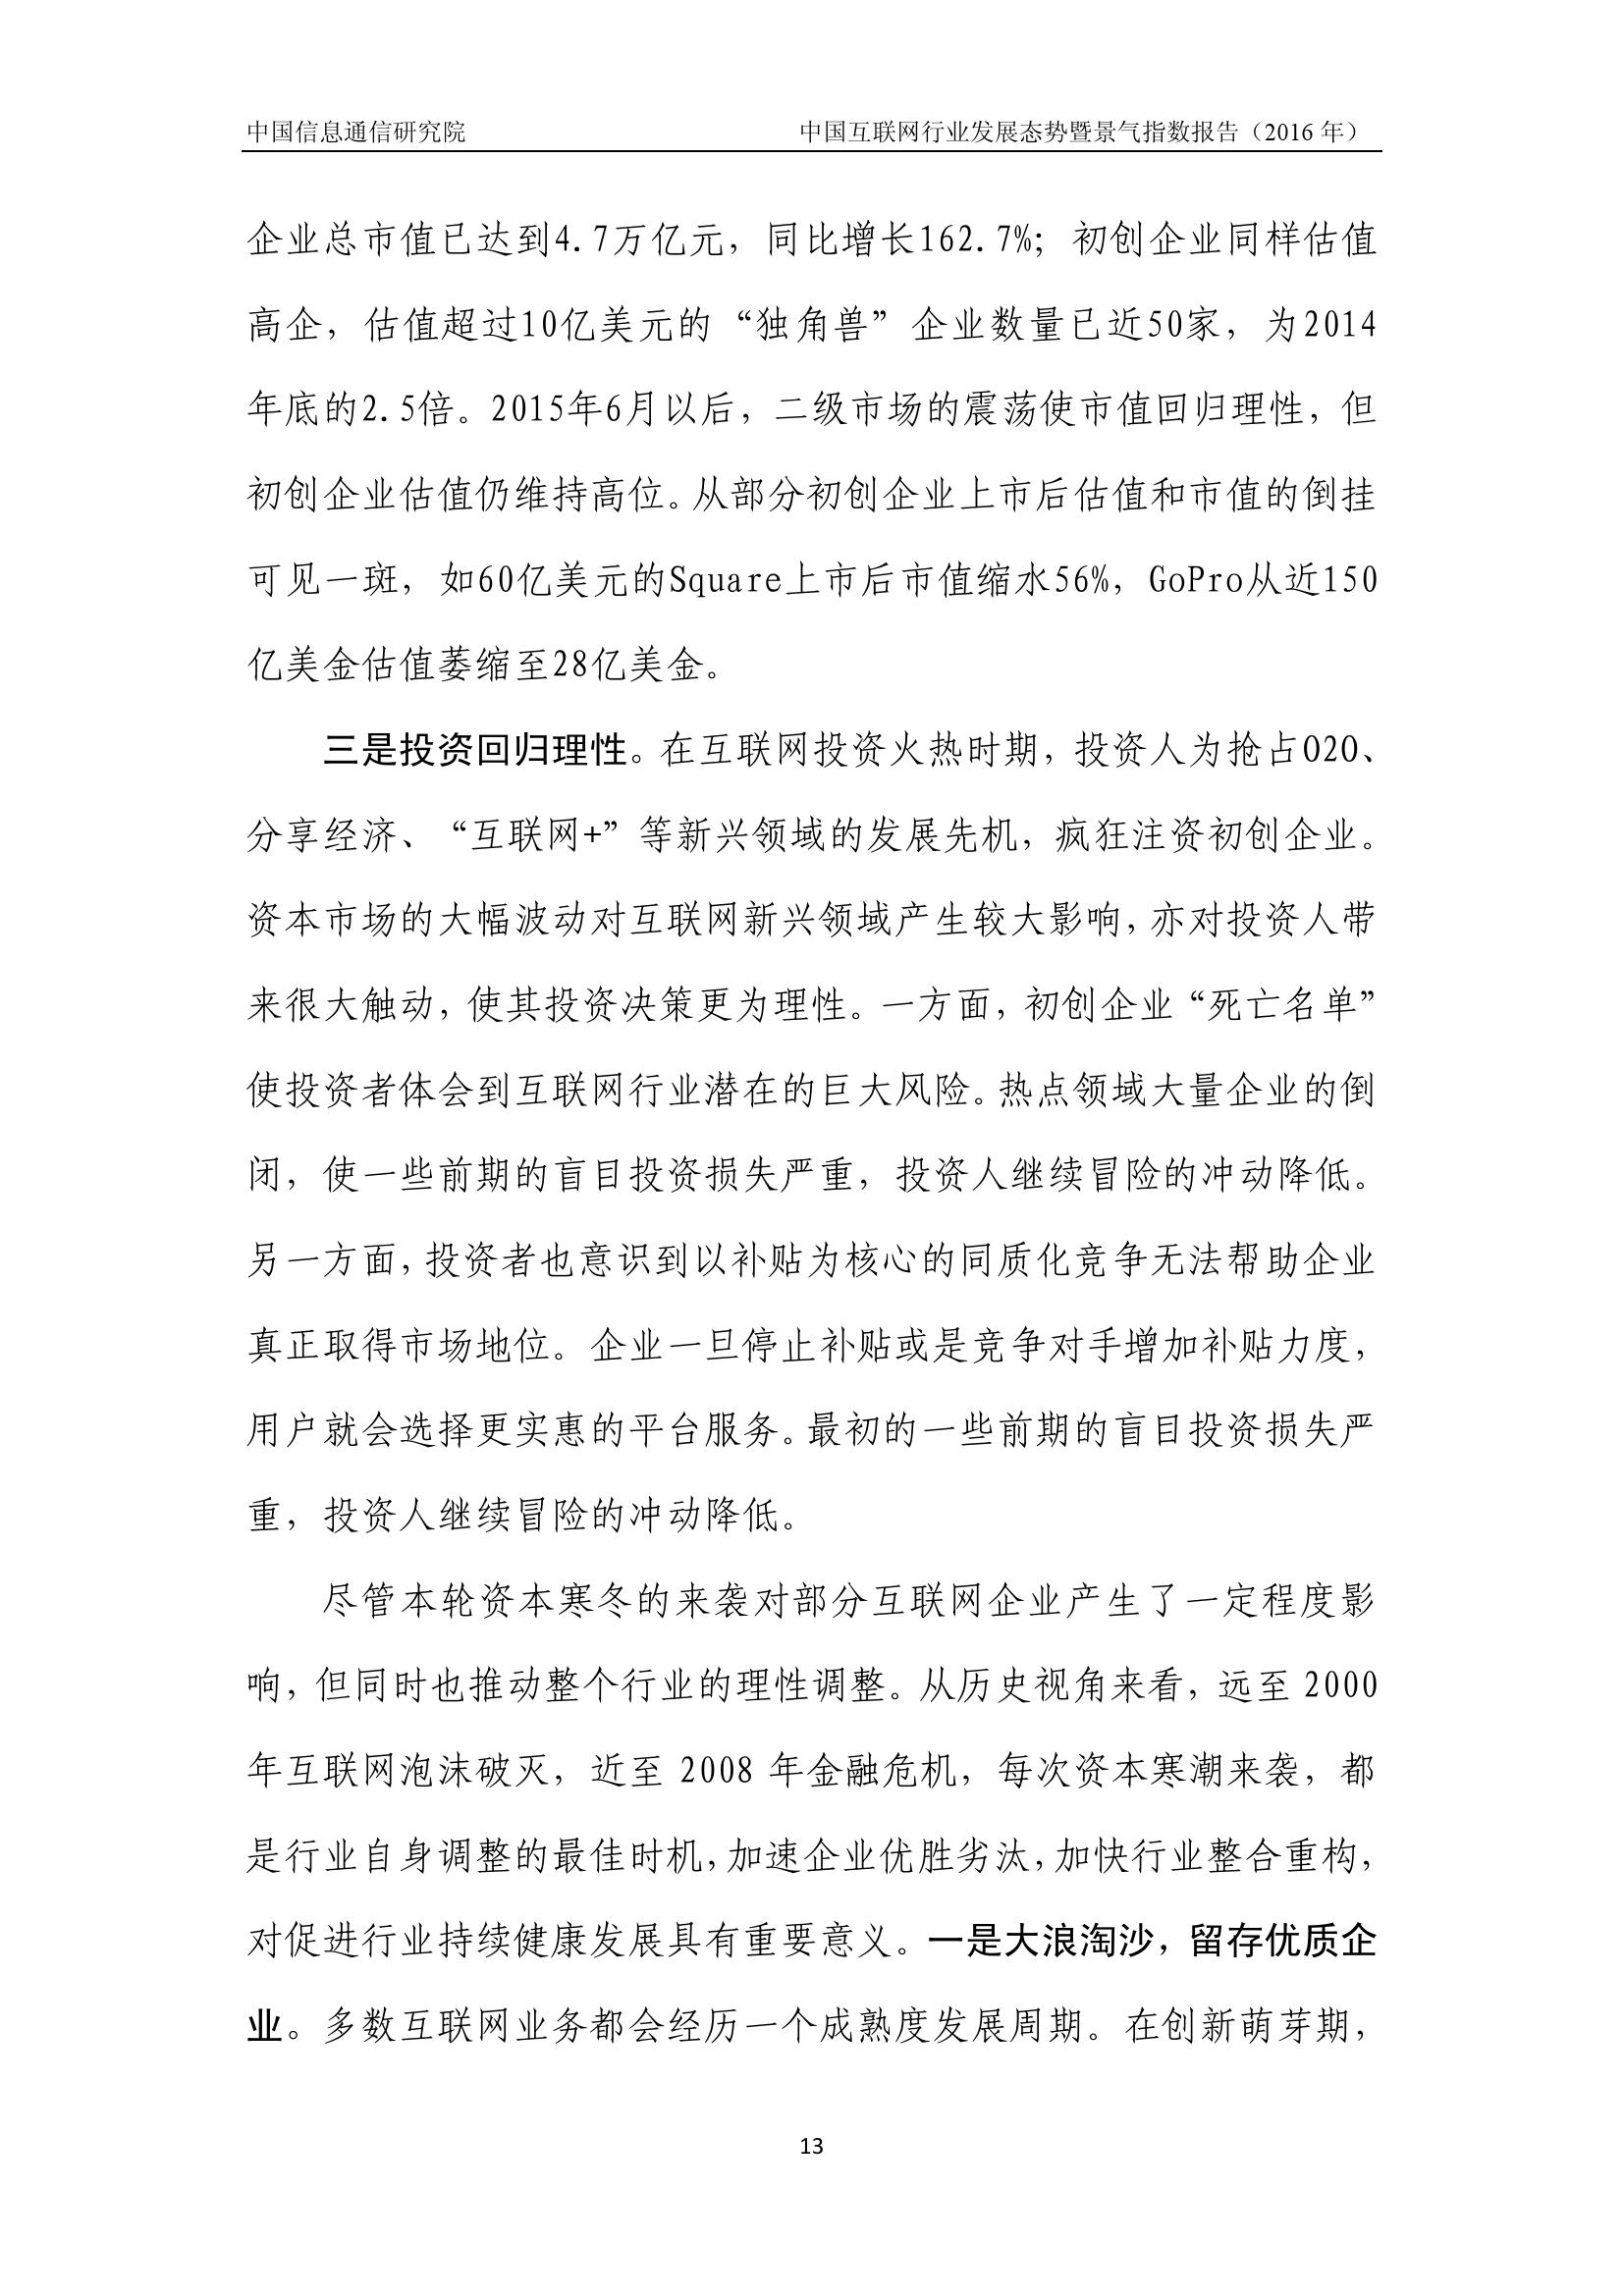 2016年中国互联网行业发展态势暨景气指数报告_000017